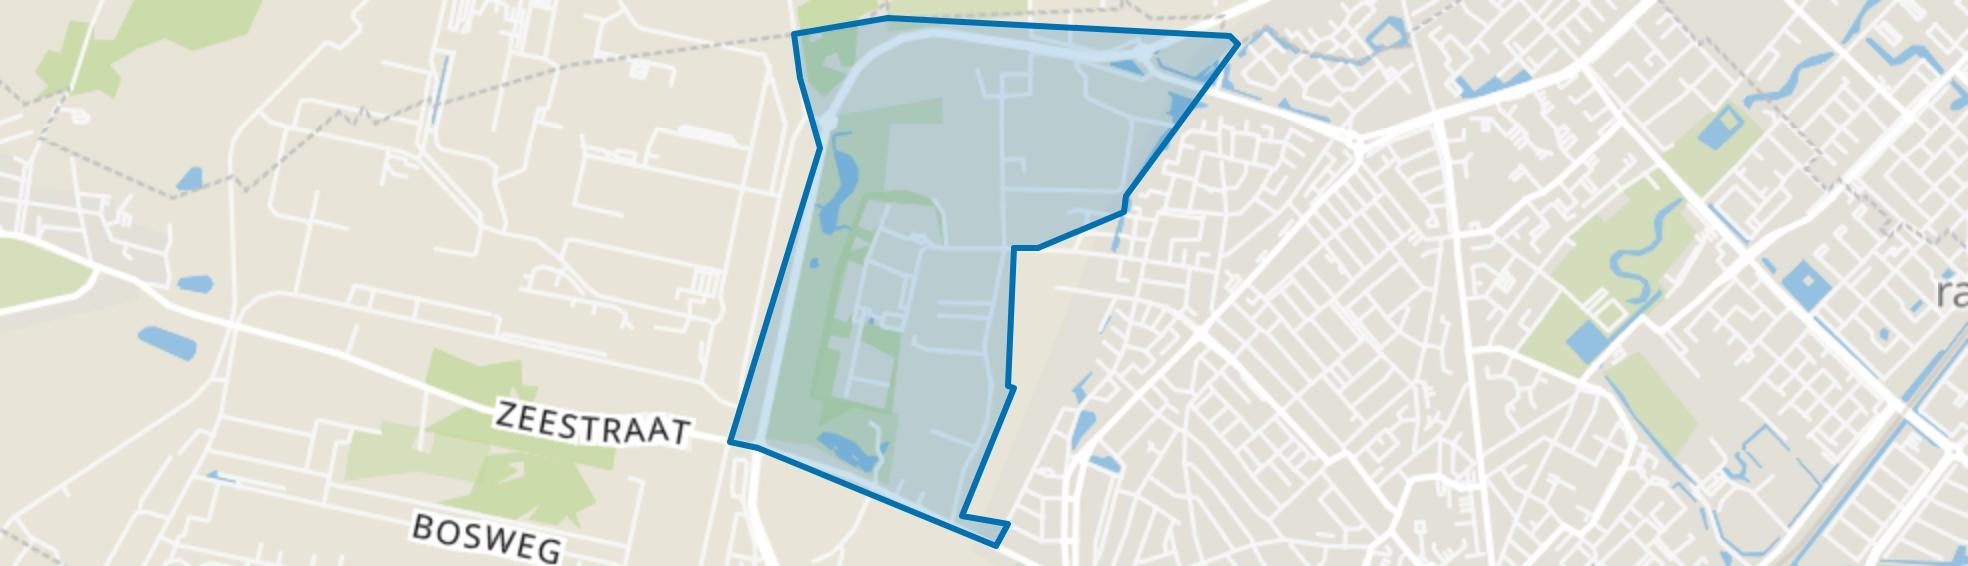 Creutzberglaan, Beverwijk map